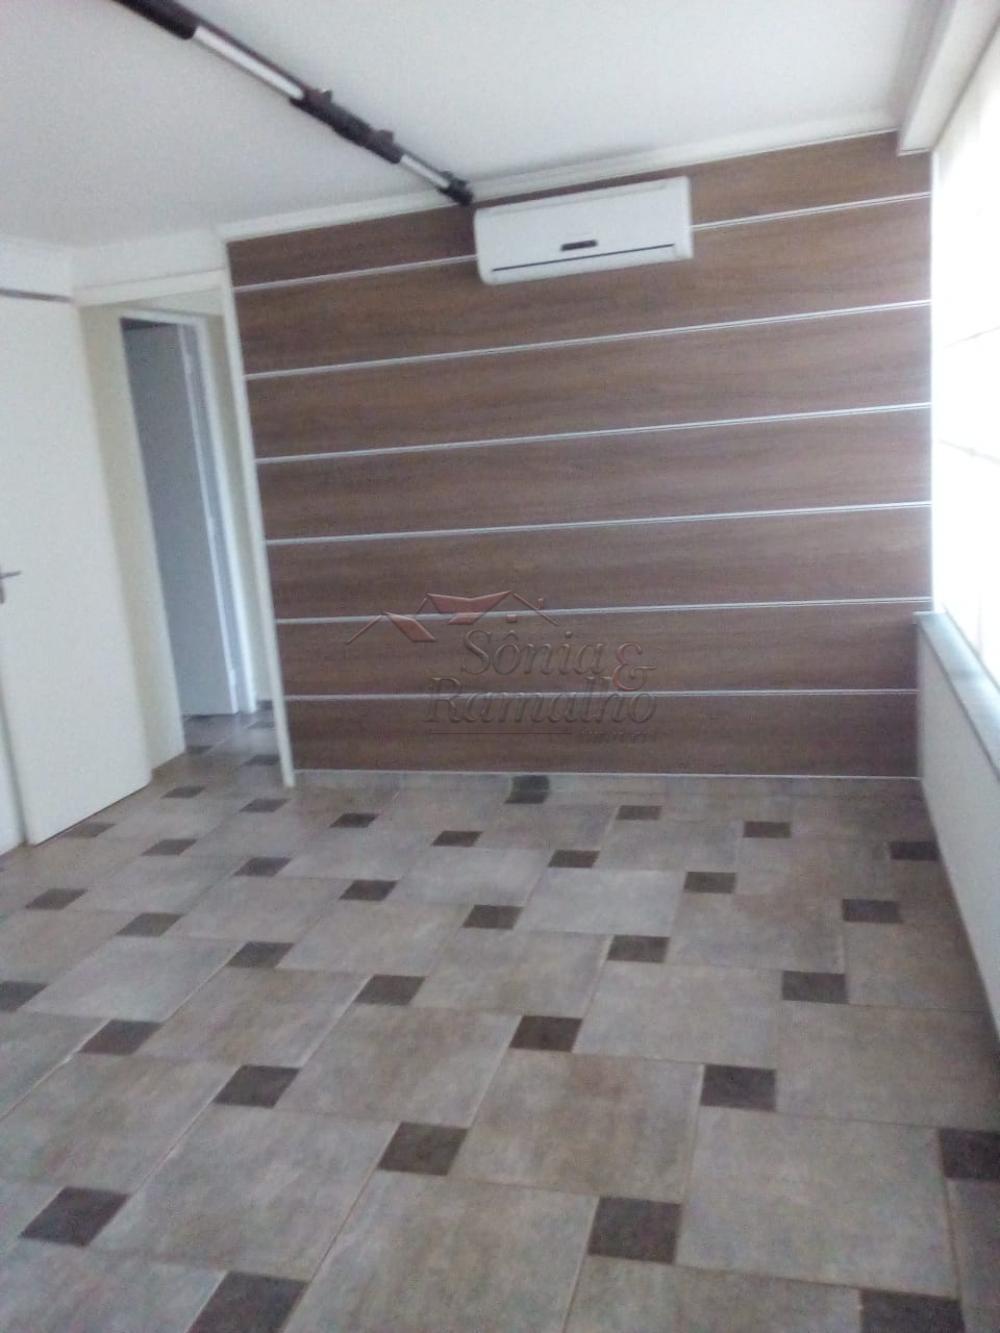 Alugar Comercial / Sala comercial em Ribeirão Preto apenas R$ 1.200,00 - Foto 1